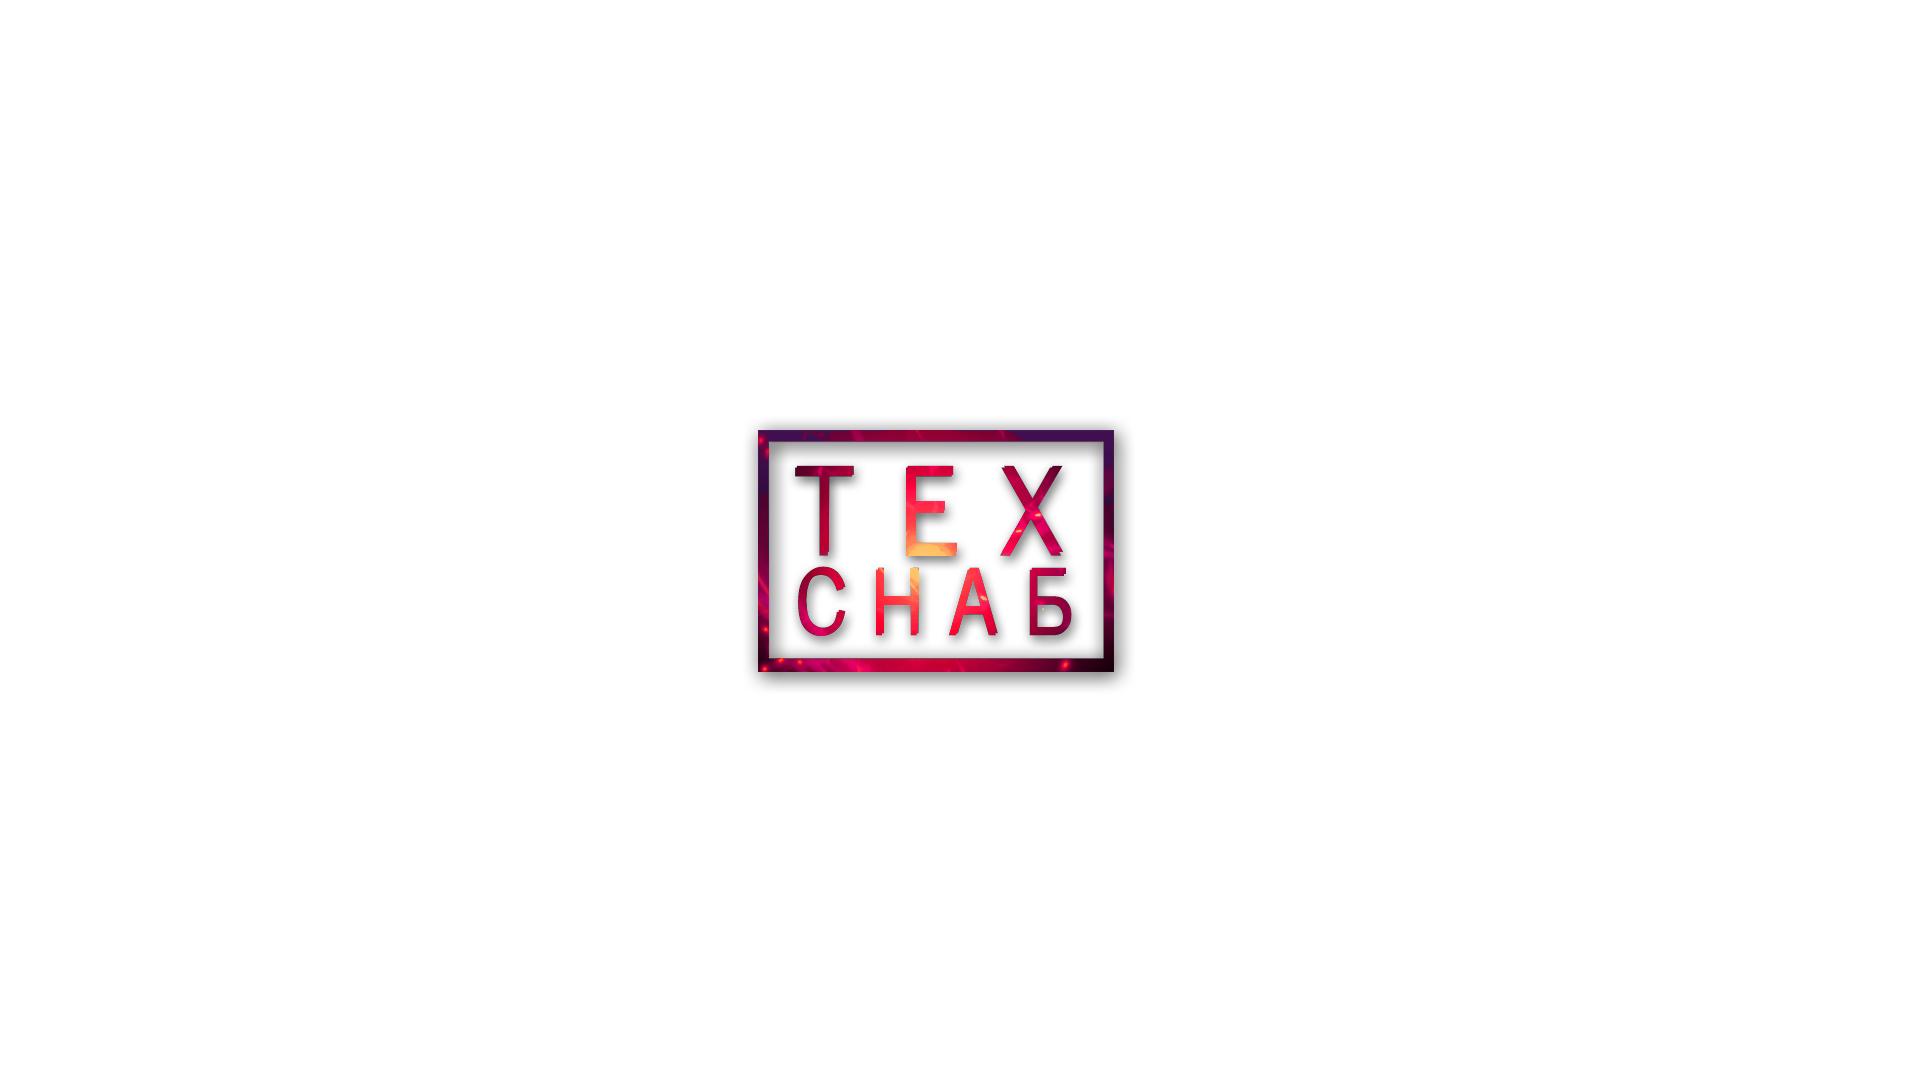 Разработка логотипа и фирм. стиля компании  ТЕХСНАБ фото f_4765b1ebcb65d153.jpg